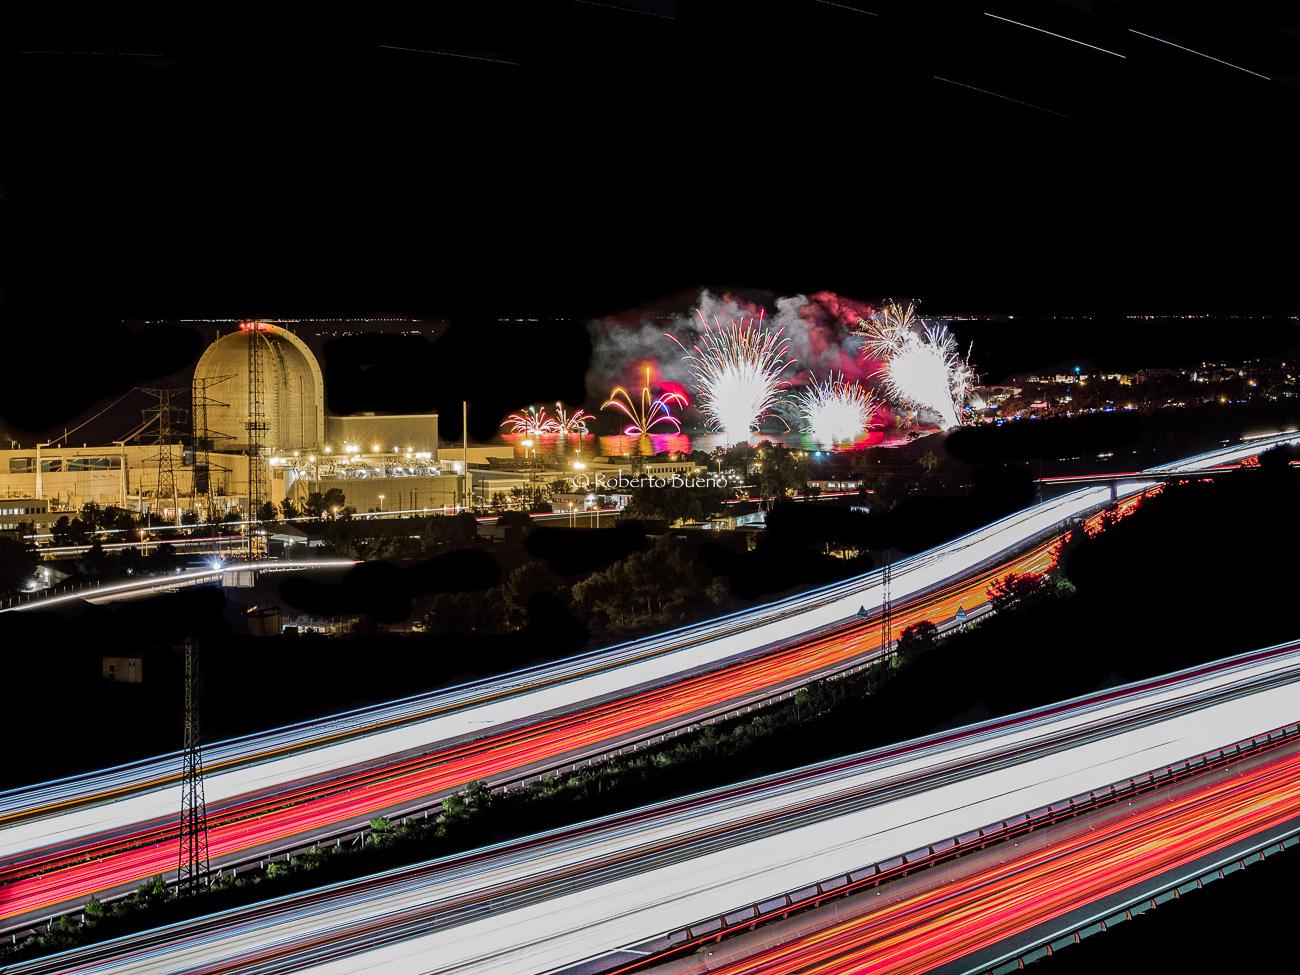 Fuegos artificiales de L'Almadrava y Central Nuclear Vandellòs II - Energía Nuclear - Roberto Bueno. Energía Nuclear y Centrales Nucleares